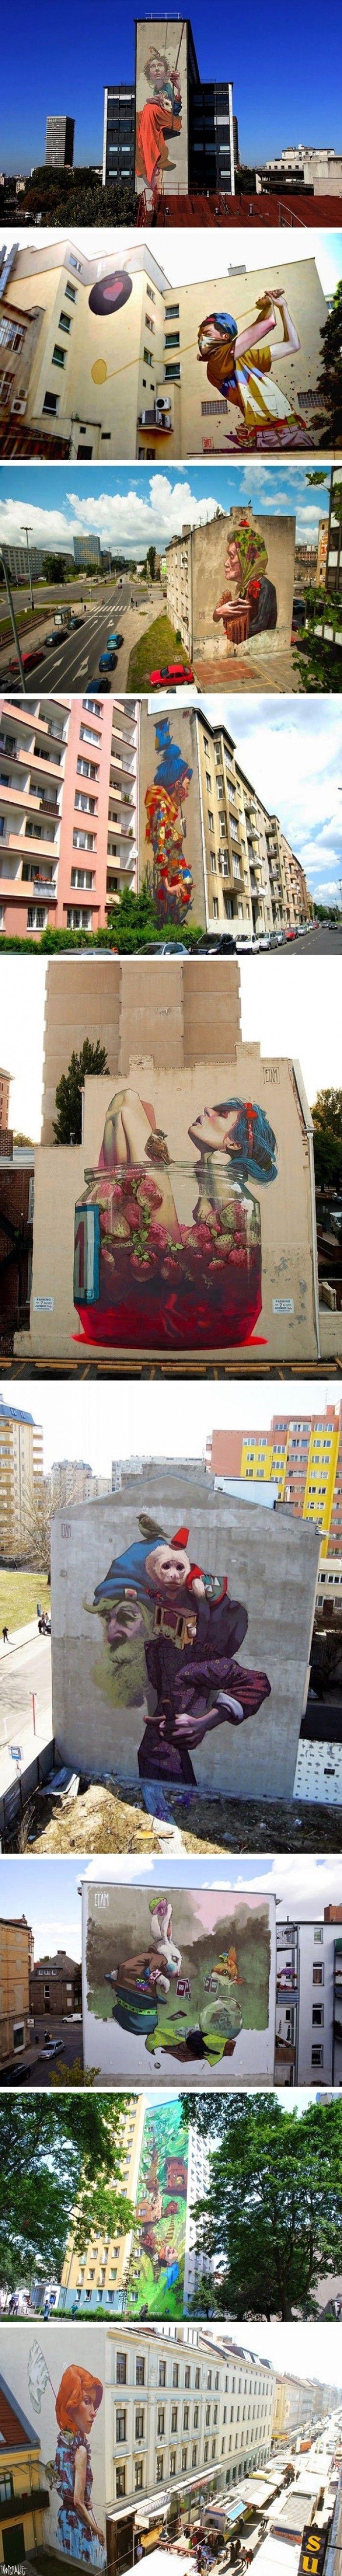 İnanılmaz Boyutlardaki Sokak Sanatı Çizimleri www.4finite.com